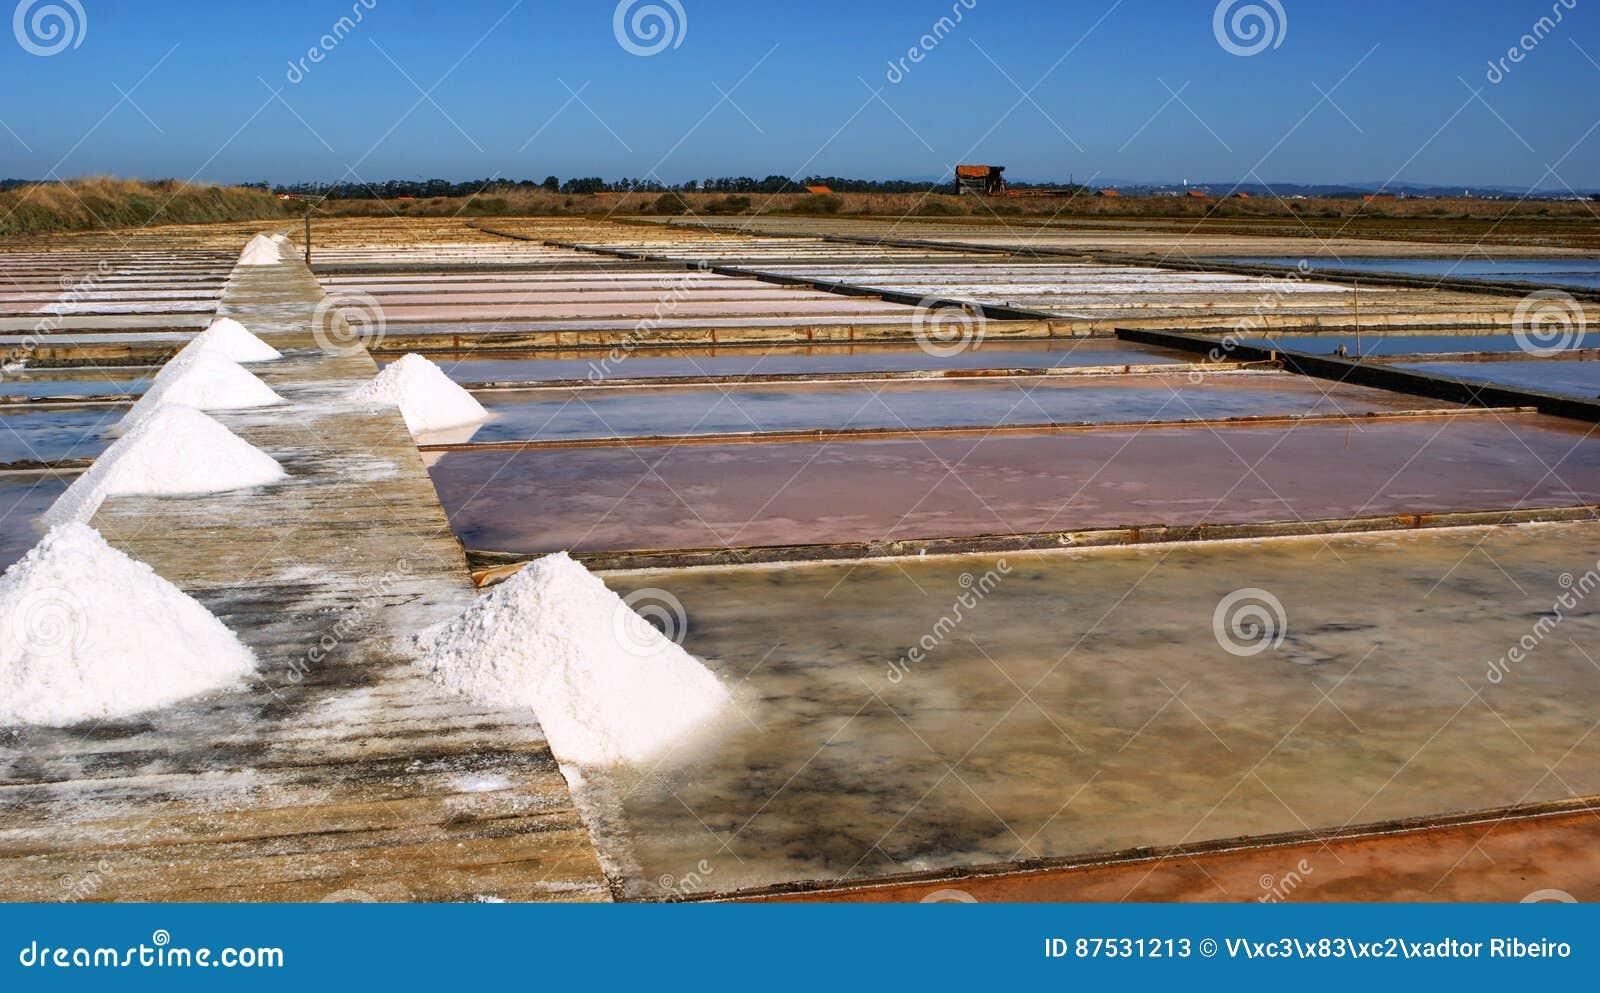 Salt pans on a saline exploration